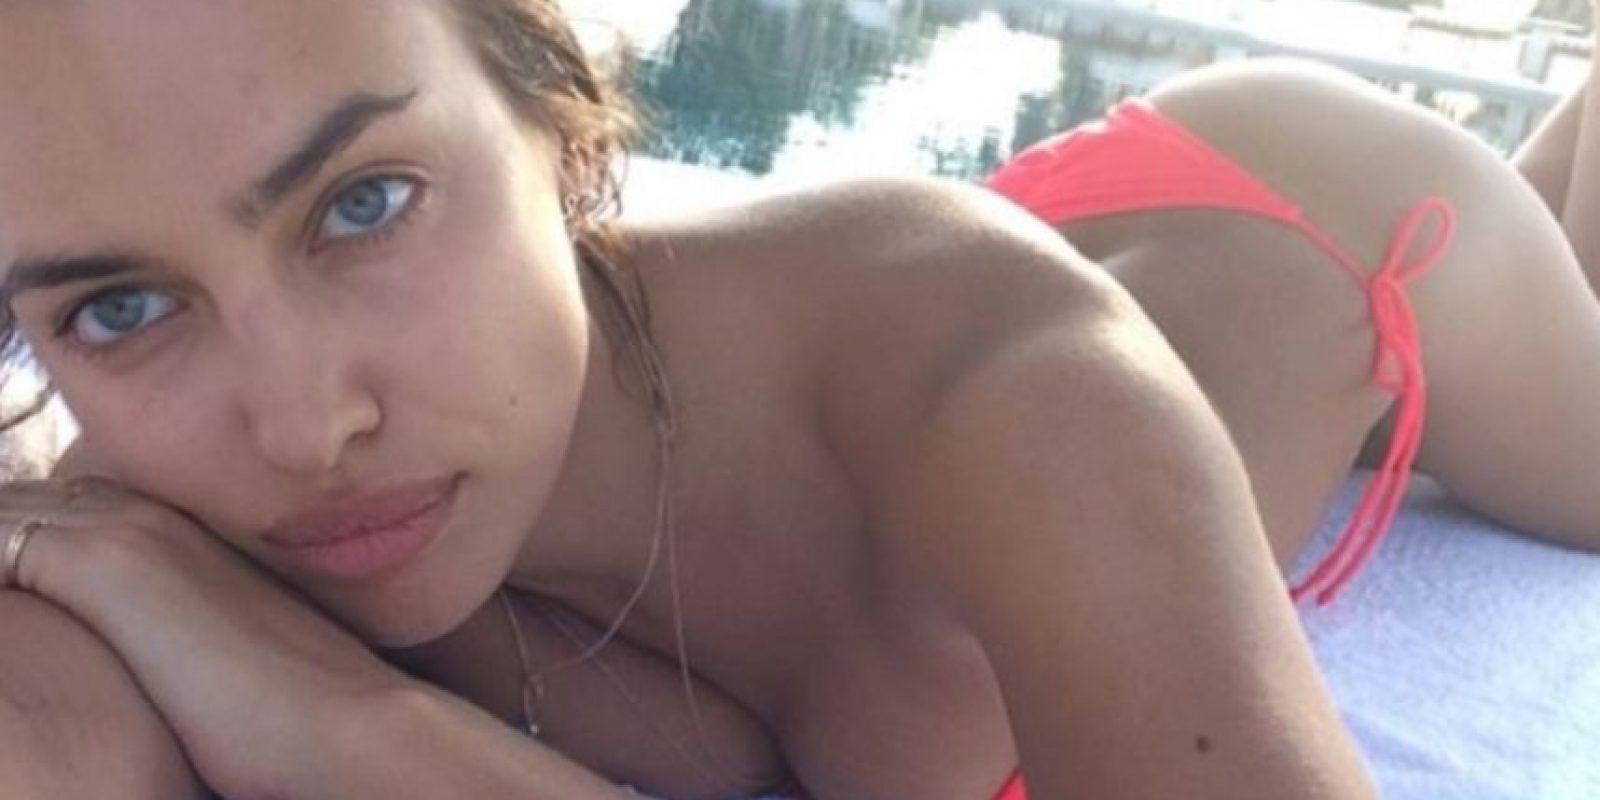 Medios británicos aseguran que Cristiano le fue infiel a Irina con más de 10 mujeres Foto:Vía instagram.com/irinashayk